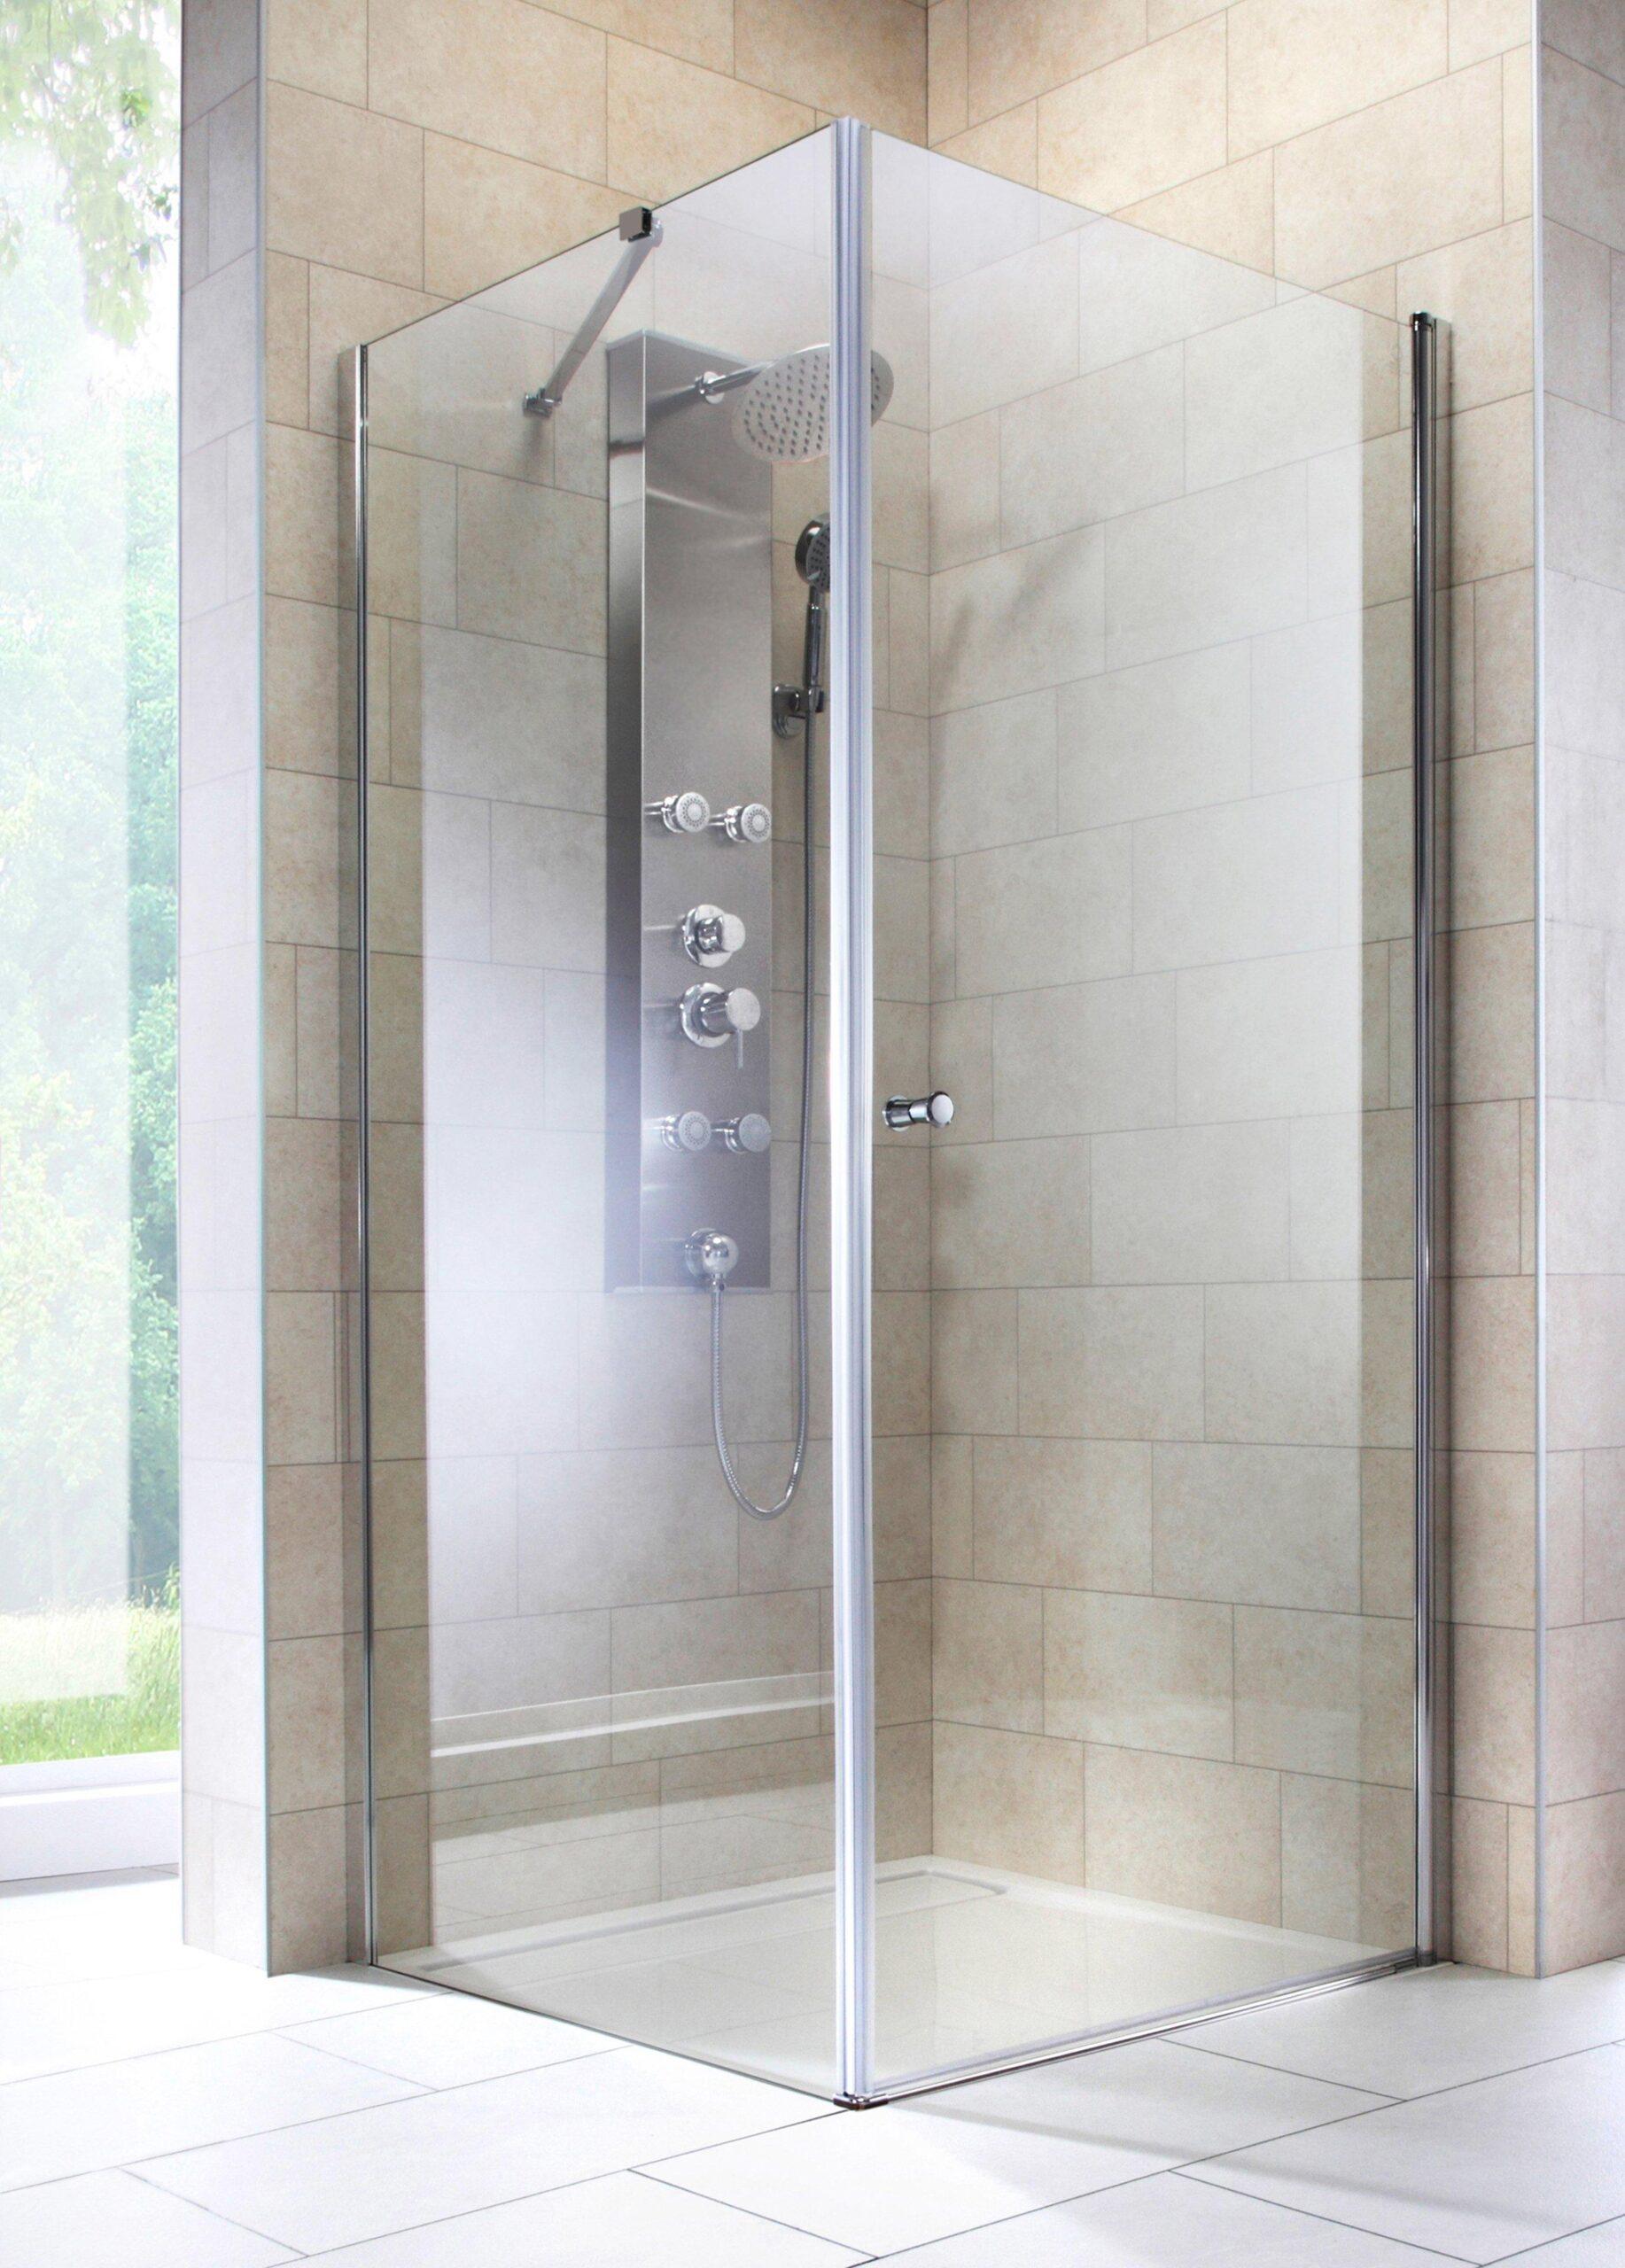 Full Size of Eckdusche Florenz Bluetooth Lautsprecher Dusche Komplett Set Bodengleiche Duschen Hüppe Kaufen Kleine Bäder Mit Bidet Begehbare Badewanne Behindertengerechte Dusche Dusche Eckeinstieg